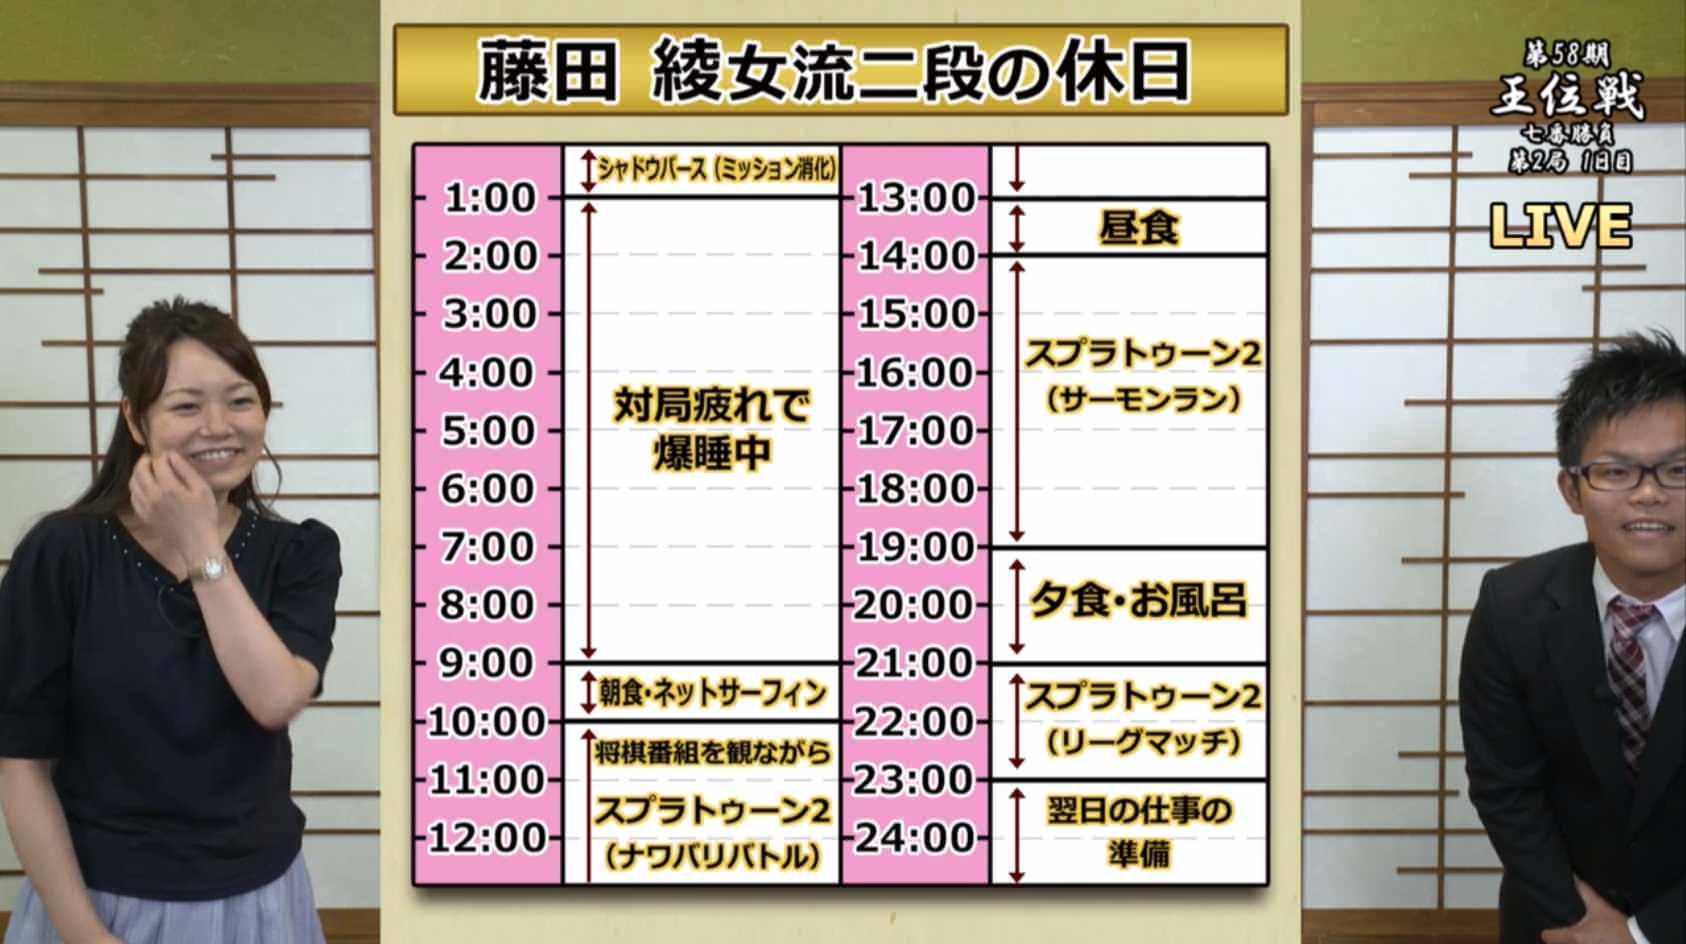 SrEd1Bq - 【画像】年収3億円プロゲーマーの一日がこちら、自由時間はたったの1時間。これもう奴隷だろ…